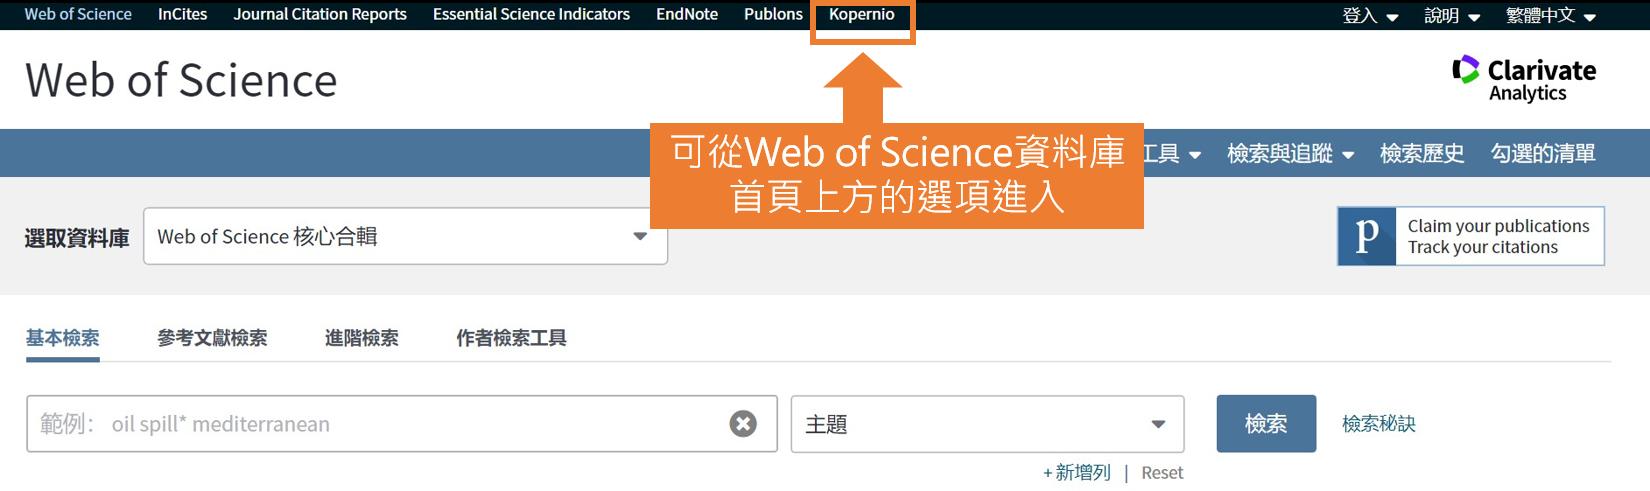 從Web of Science資料庫首頁上方的選項進入